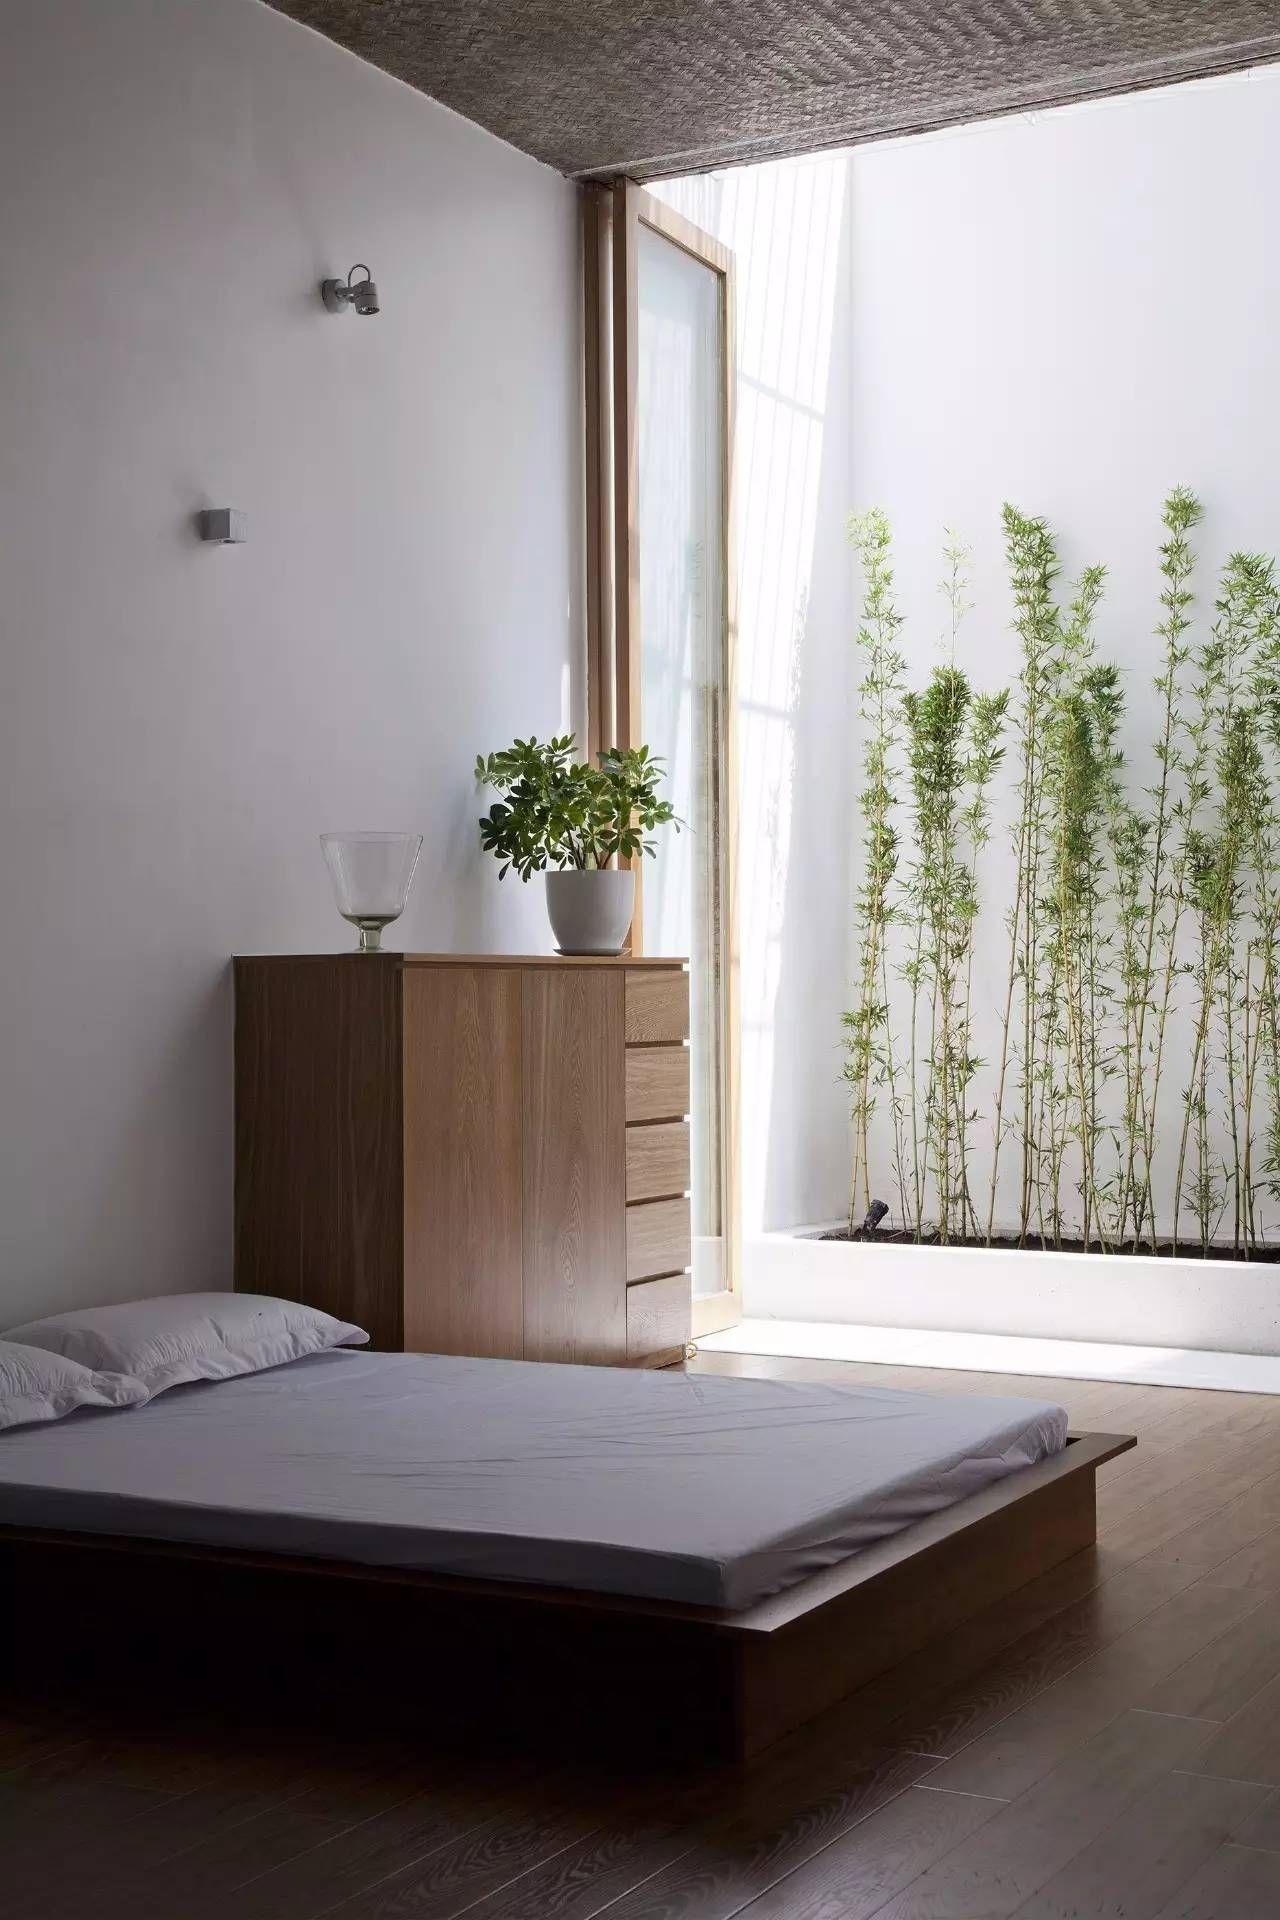 19 mẫu phòng ngủ hài hòa và thư thái theo phong cách Zen - Ảnh 4.